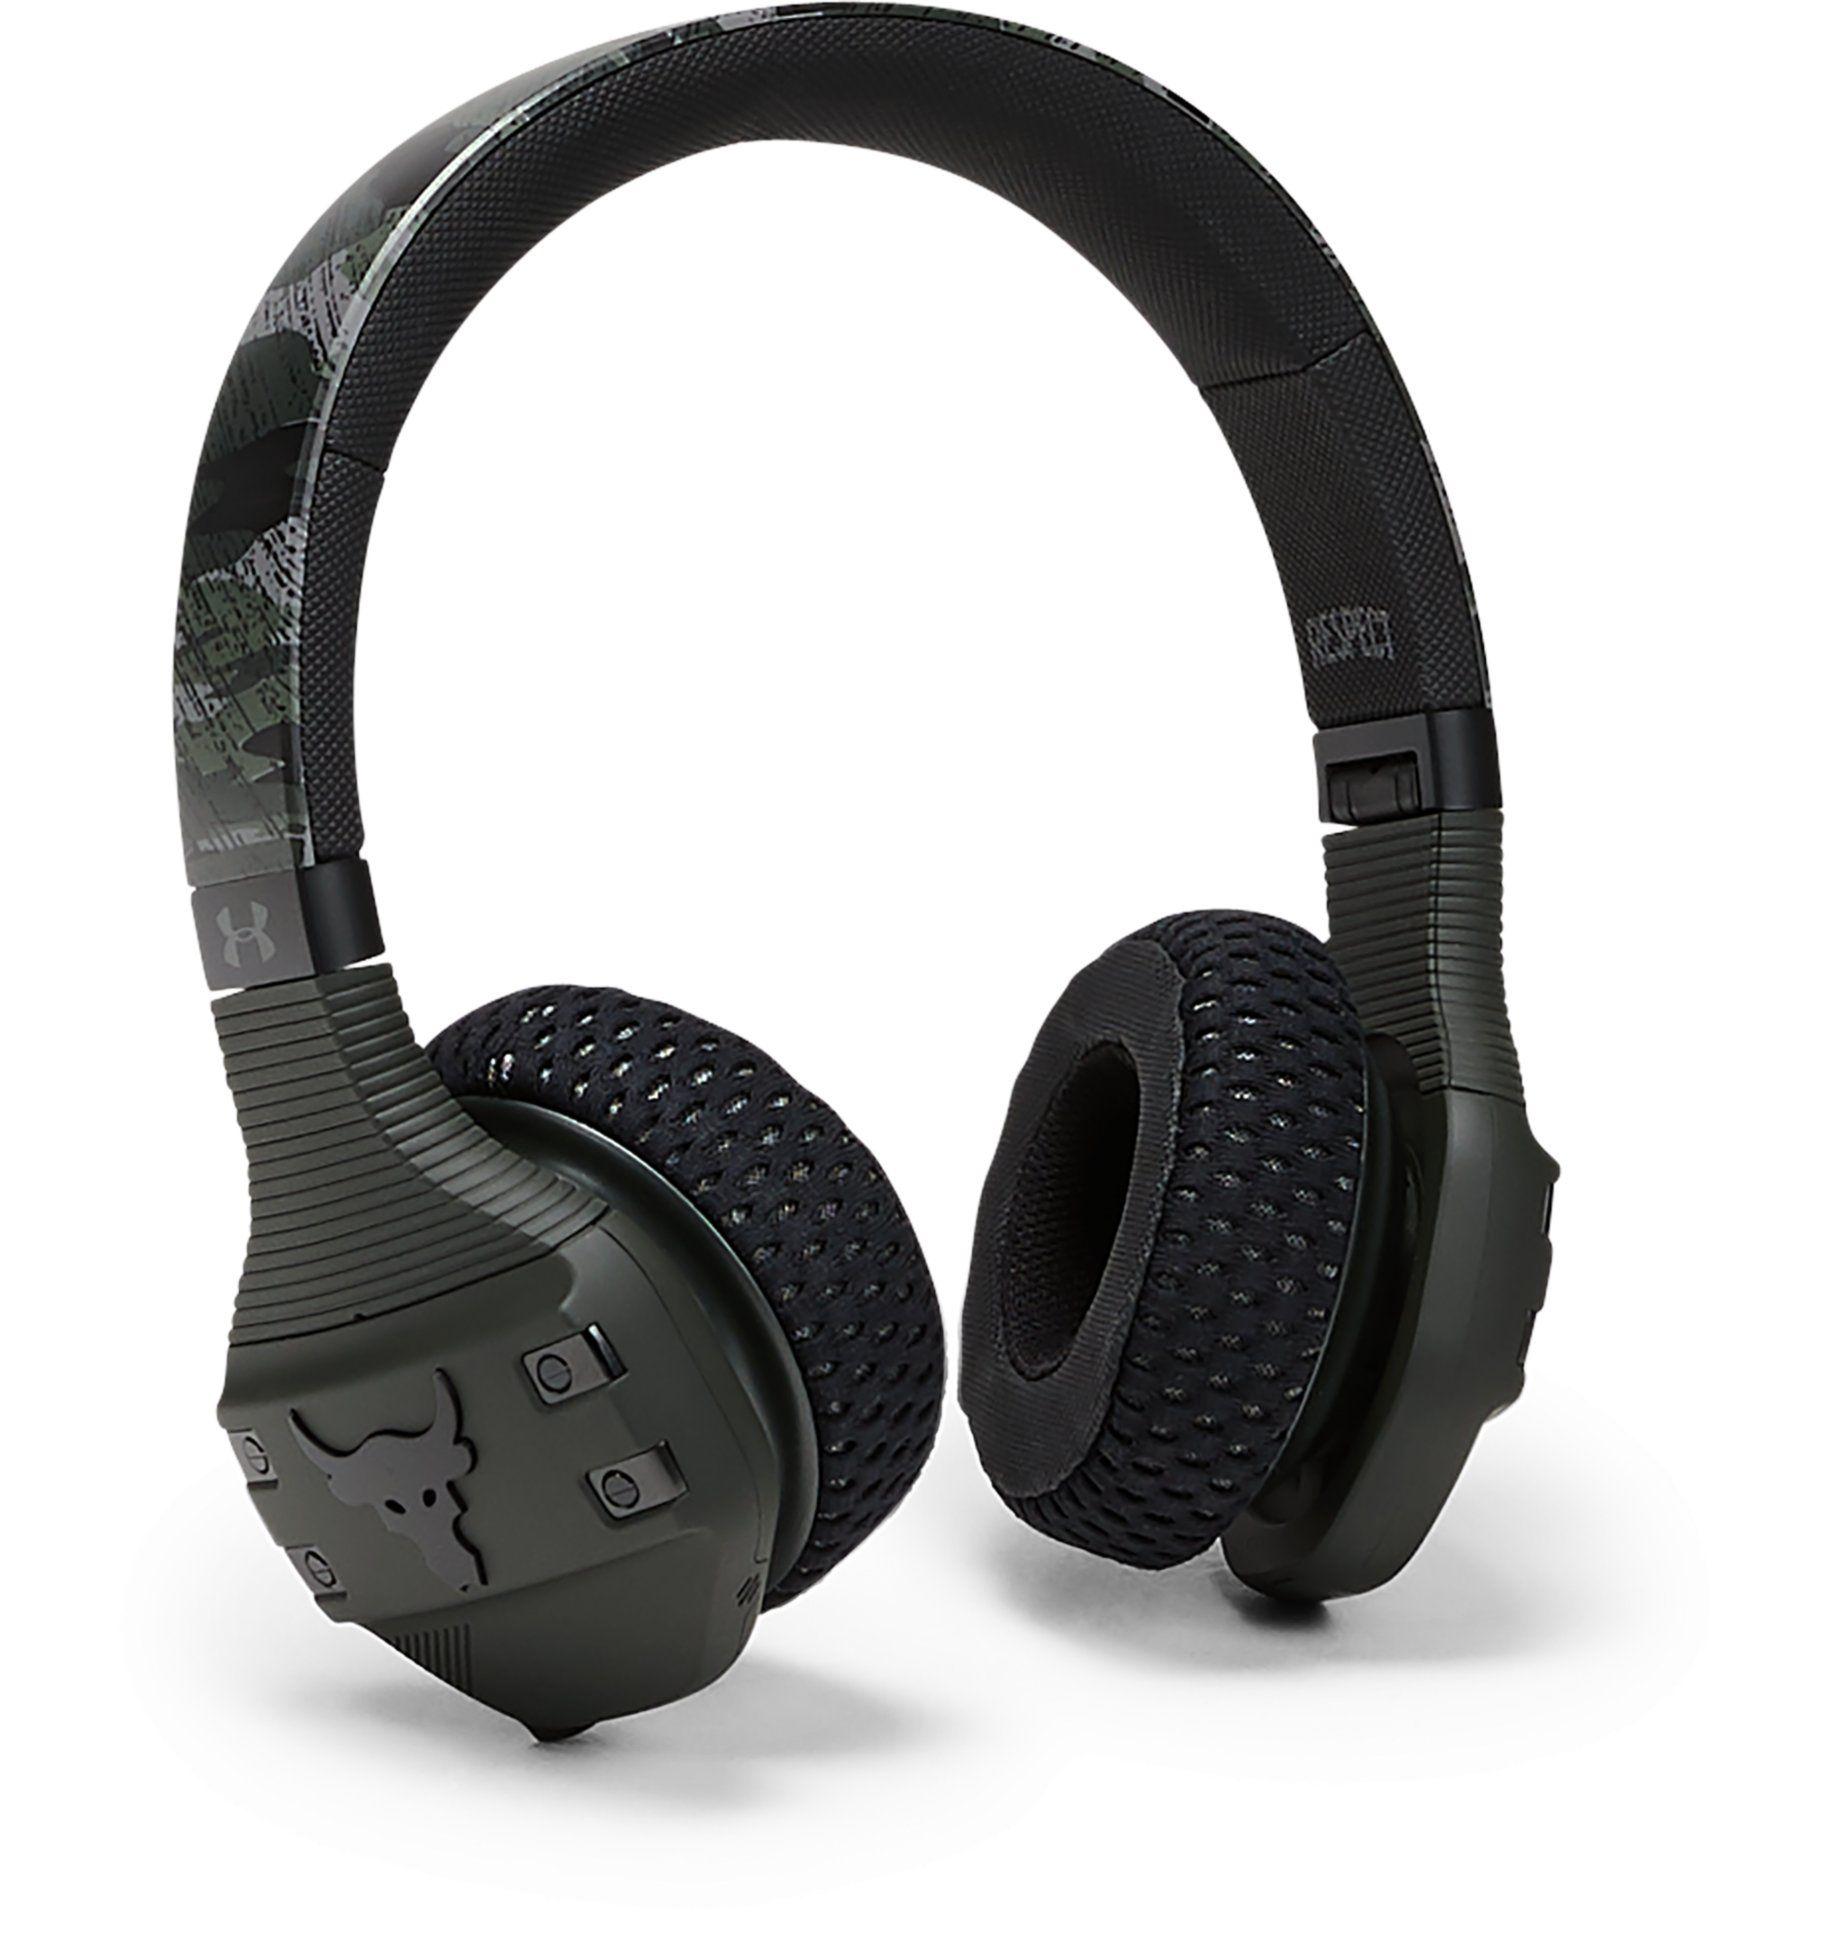 najlepsza cena ogromny wybór ogromna zniżka Słuchawki bezprzewodowe Under Armour Project Rock